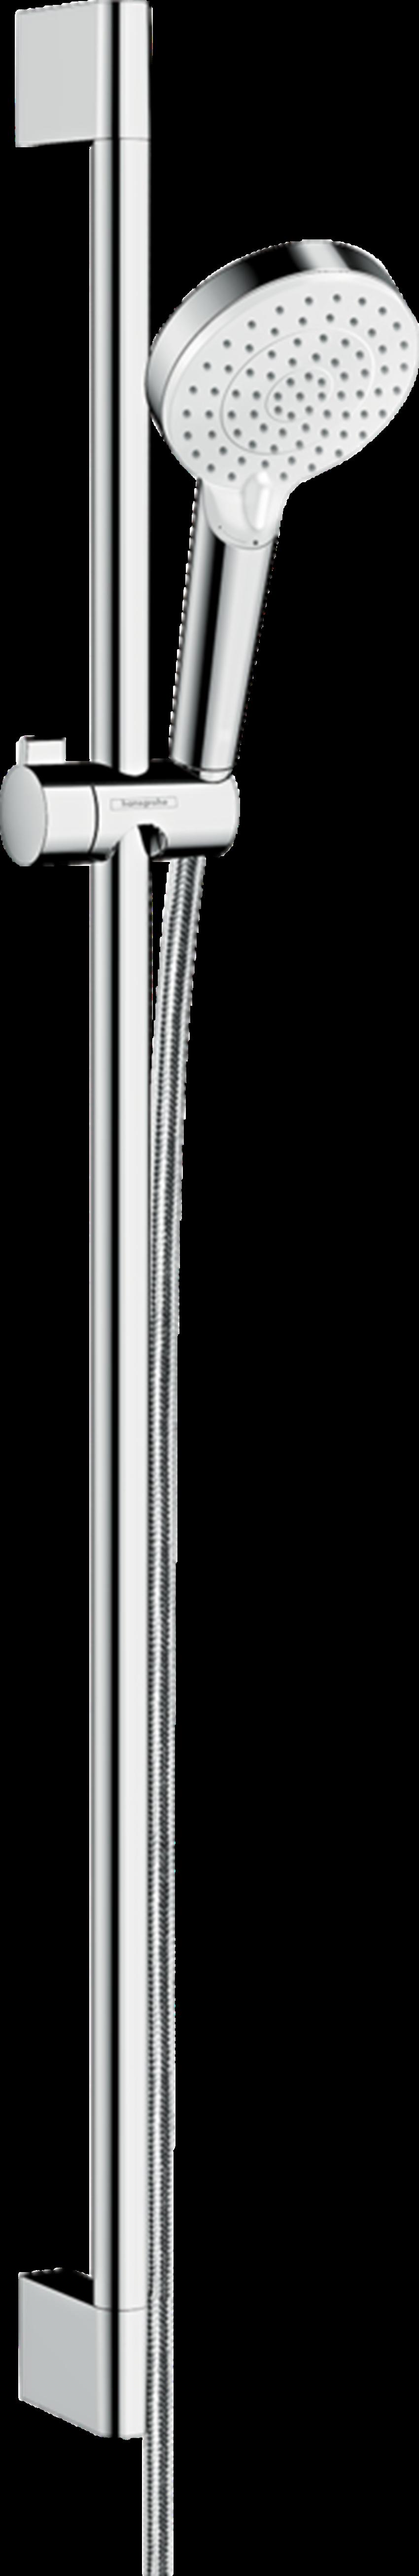 Zestaw prysznicowy Vario z termostatem Ecostat 1001 Hansgrohe Crometta